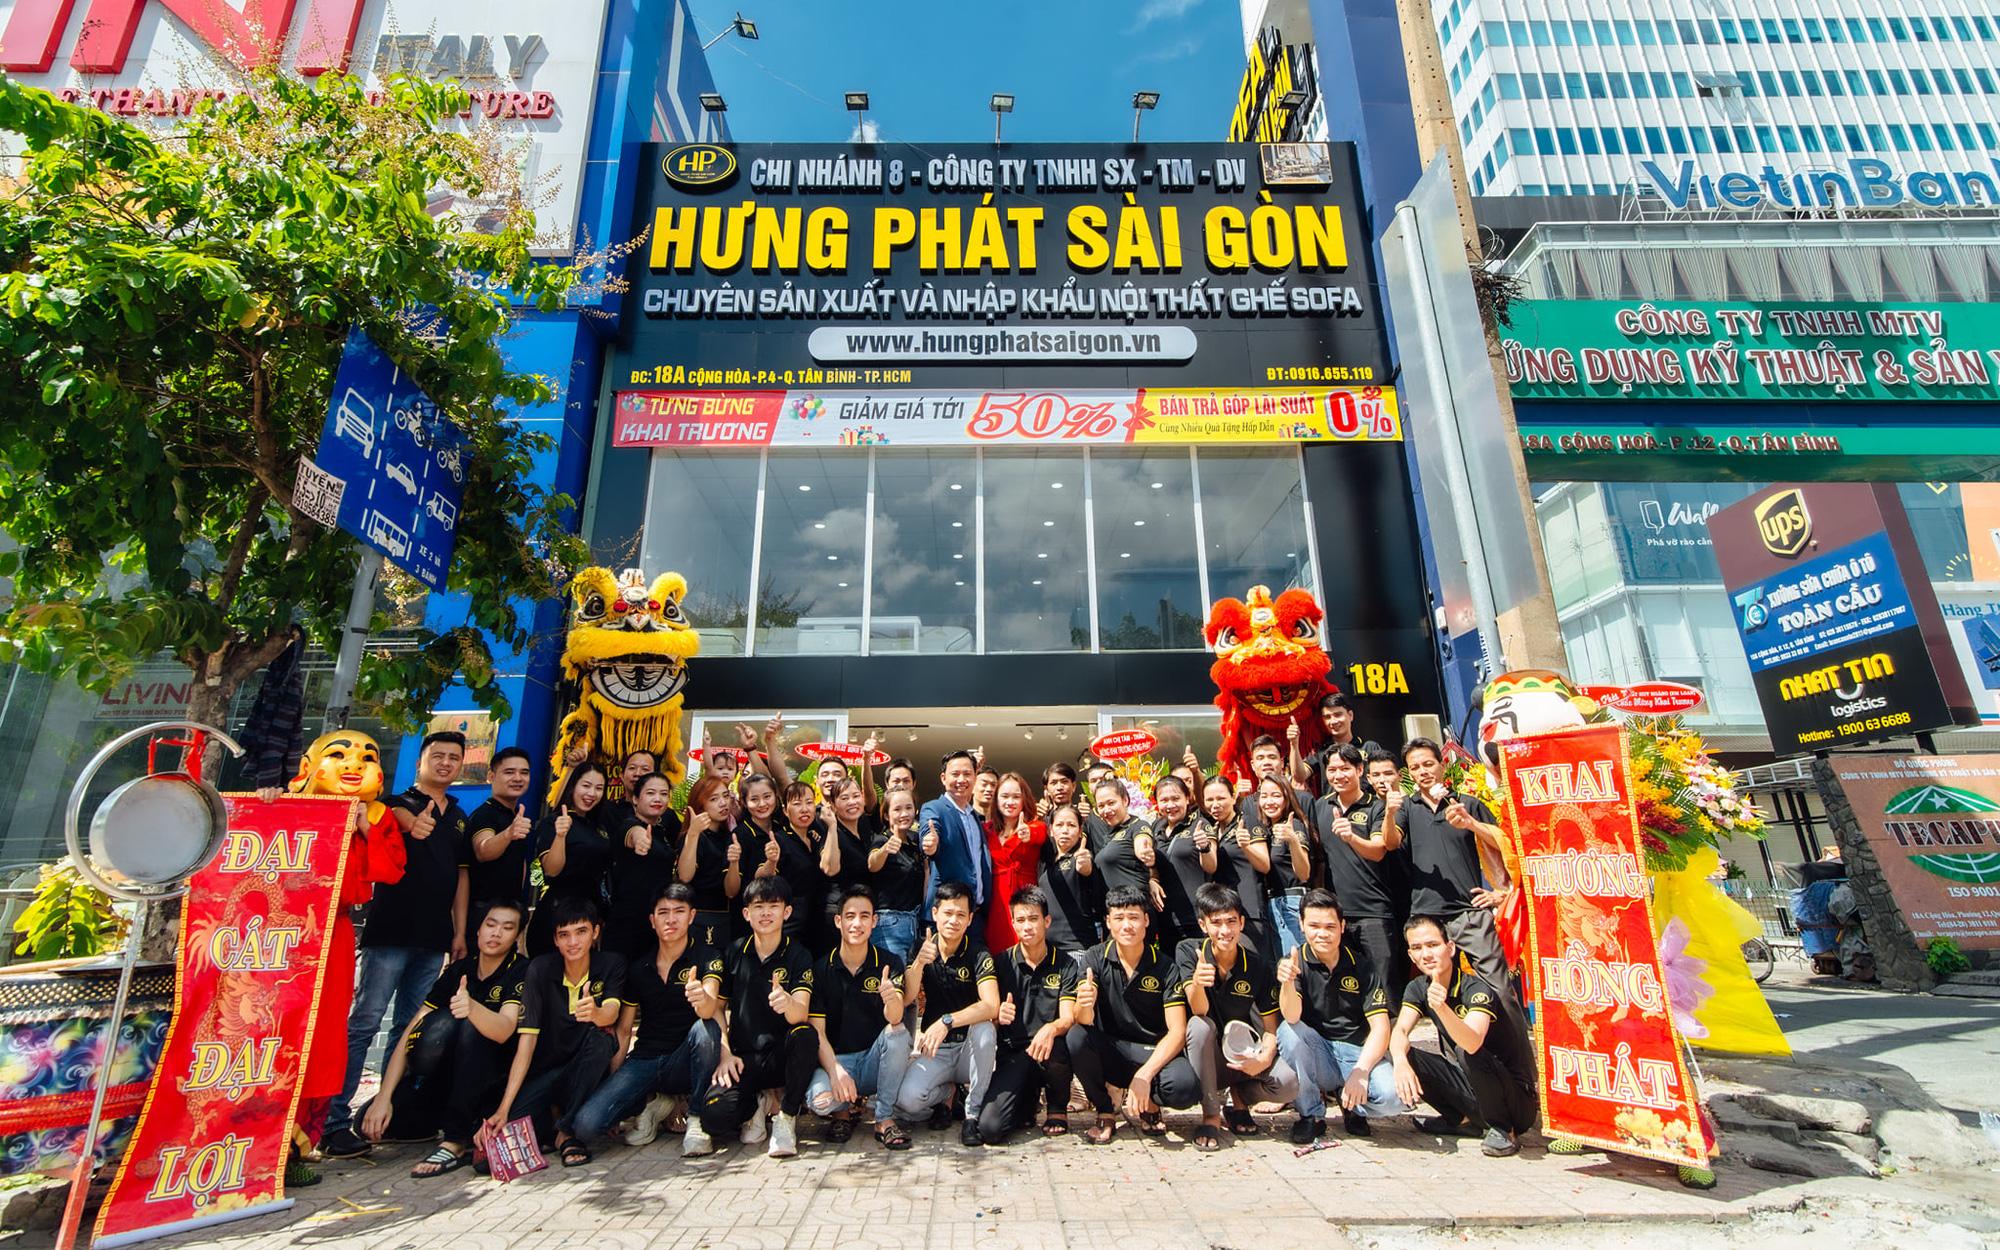 Hưng Phát Sài Gòn tưng bừng khai trương showroom sofa cao cấp thứ 8